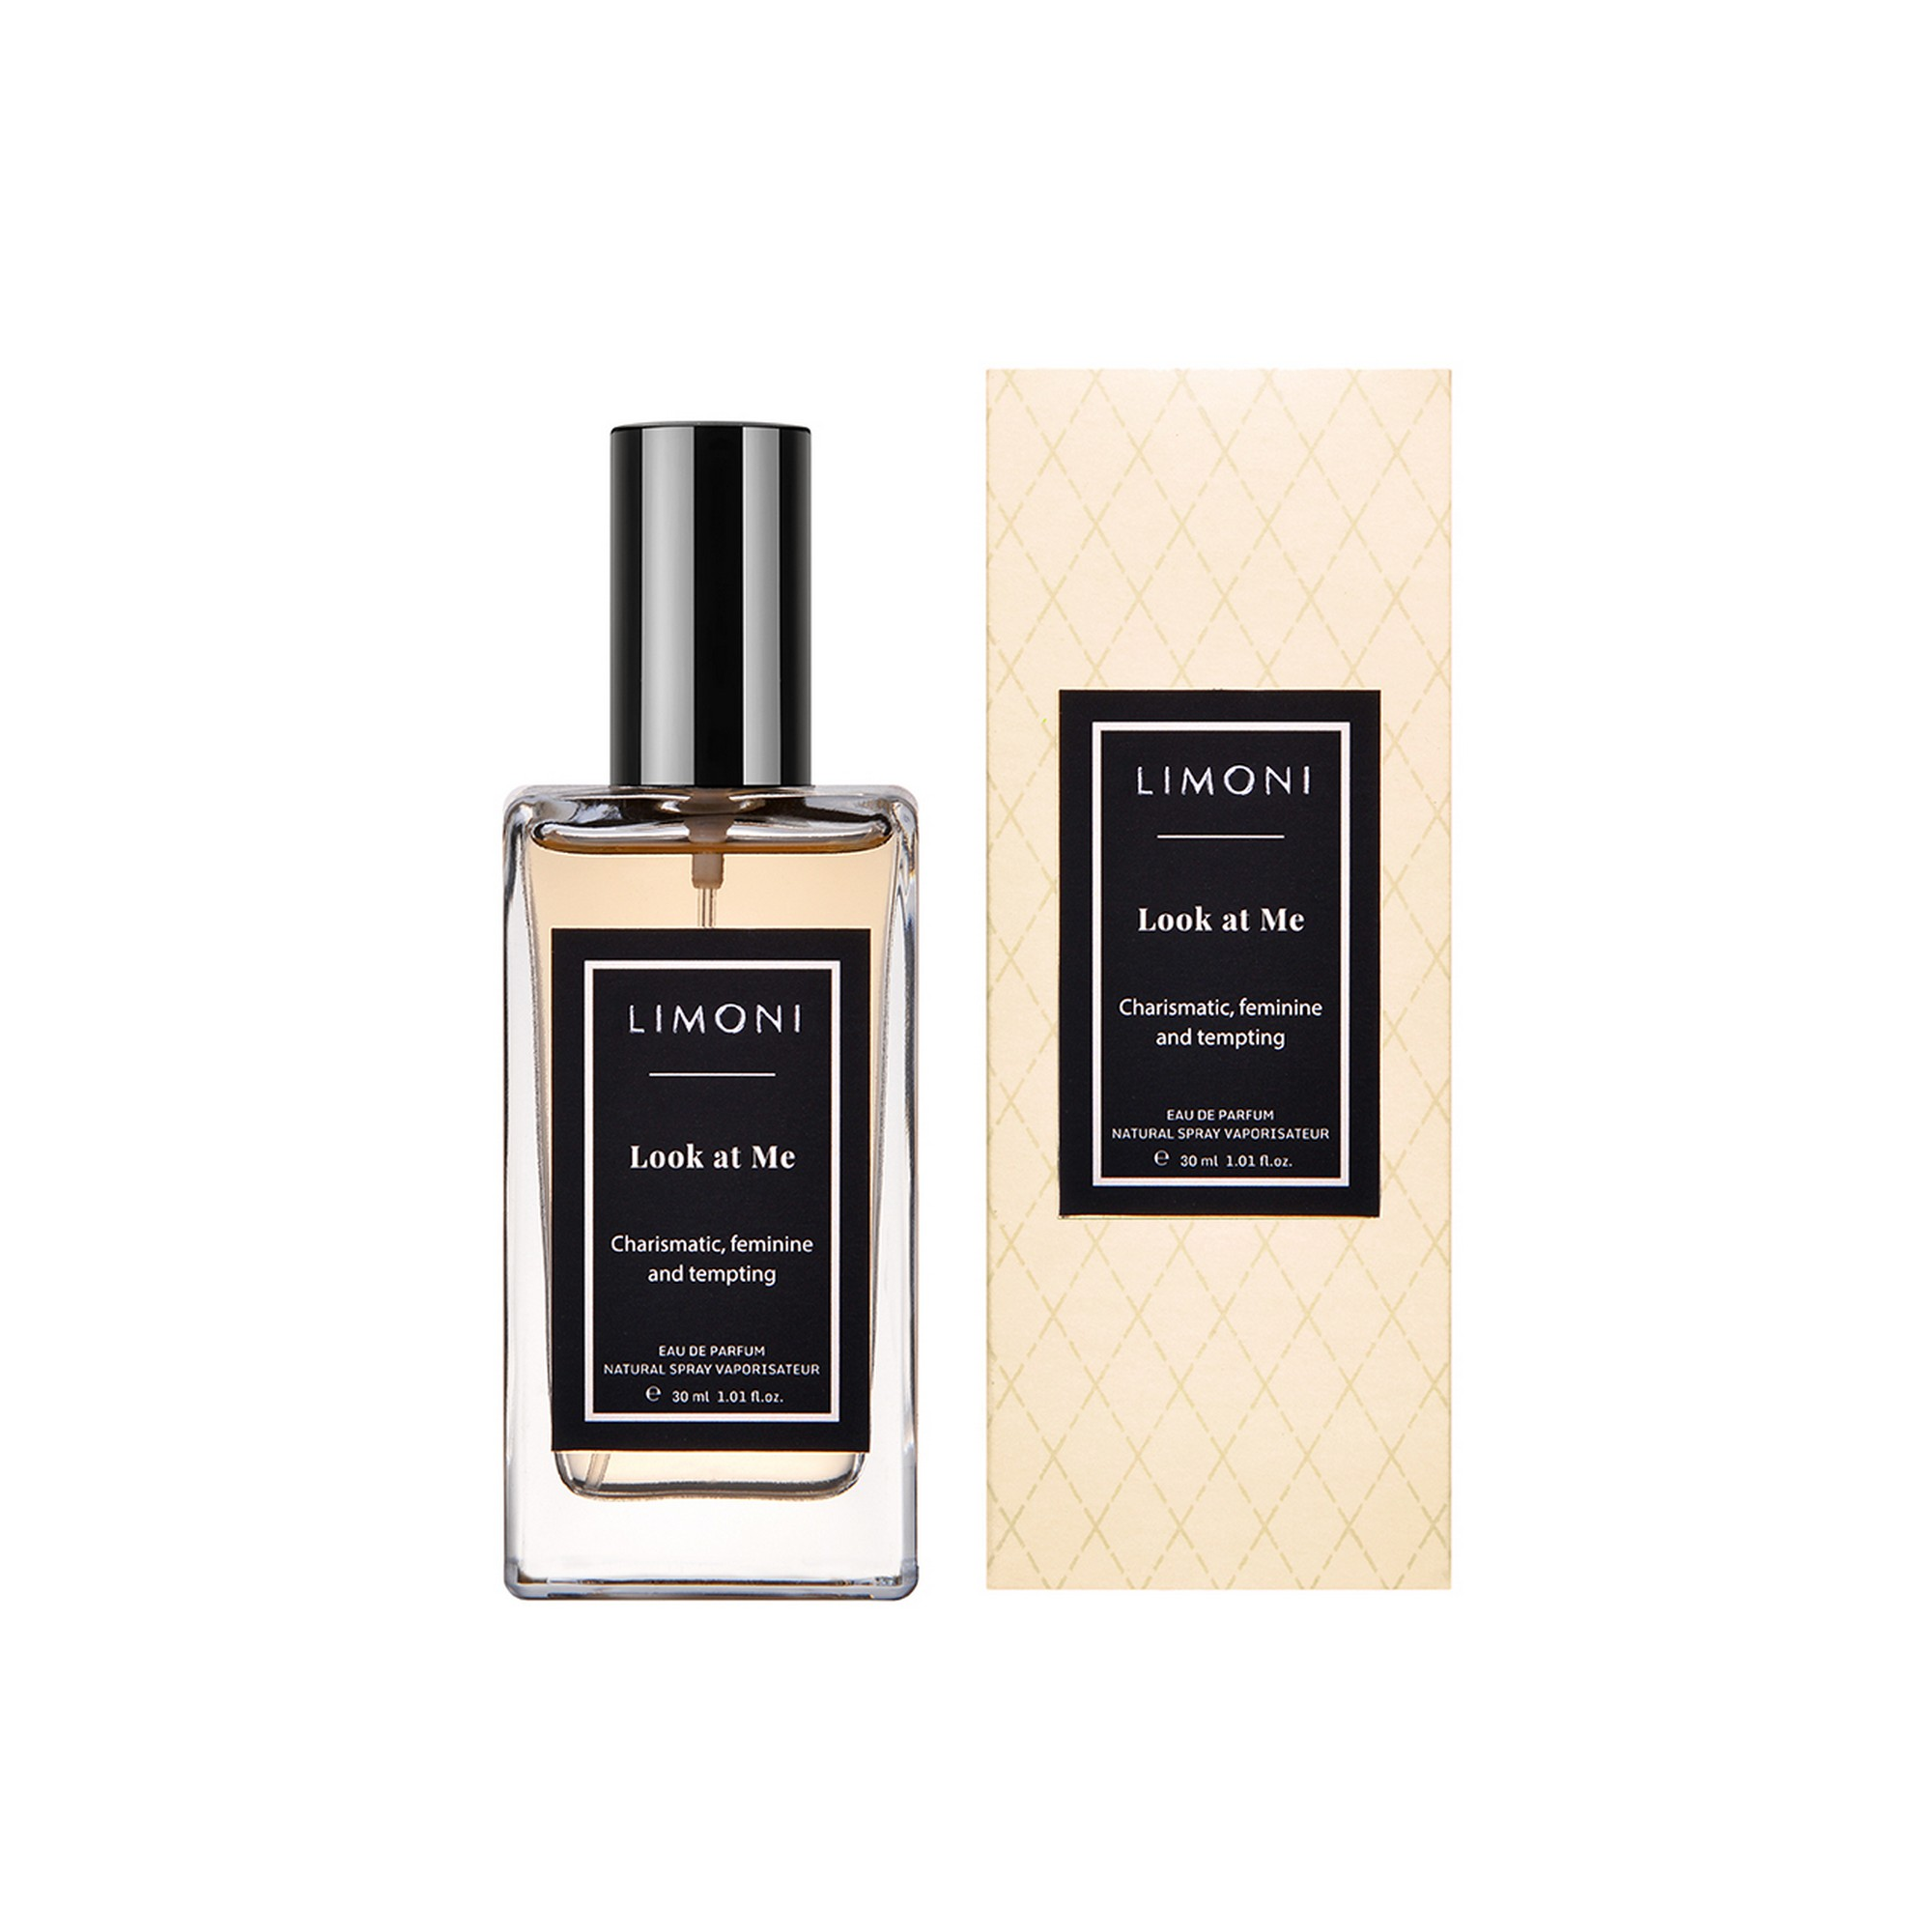 LIMONI Вода парфюмерная / Look at me Eau de Parfum 30 мл